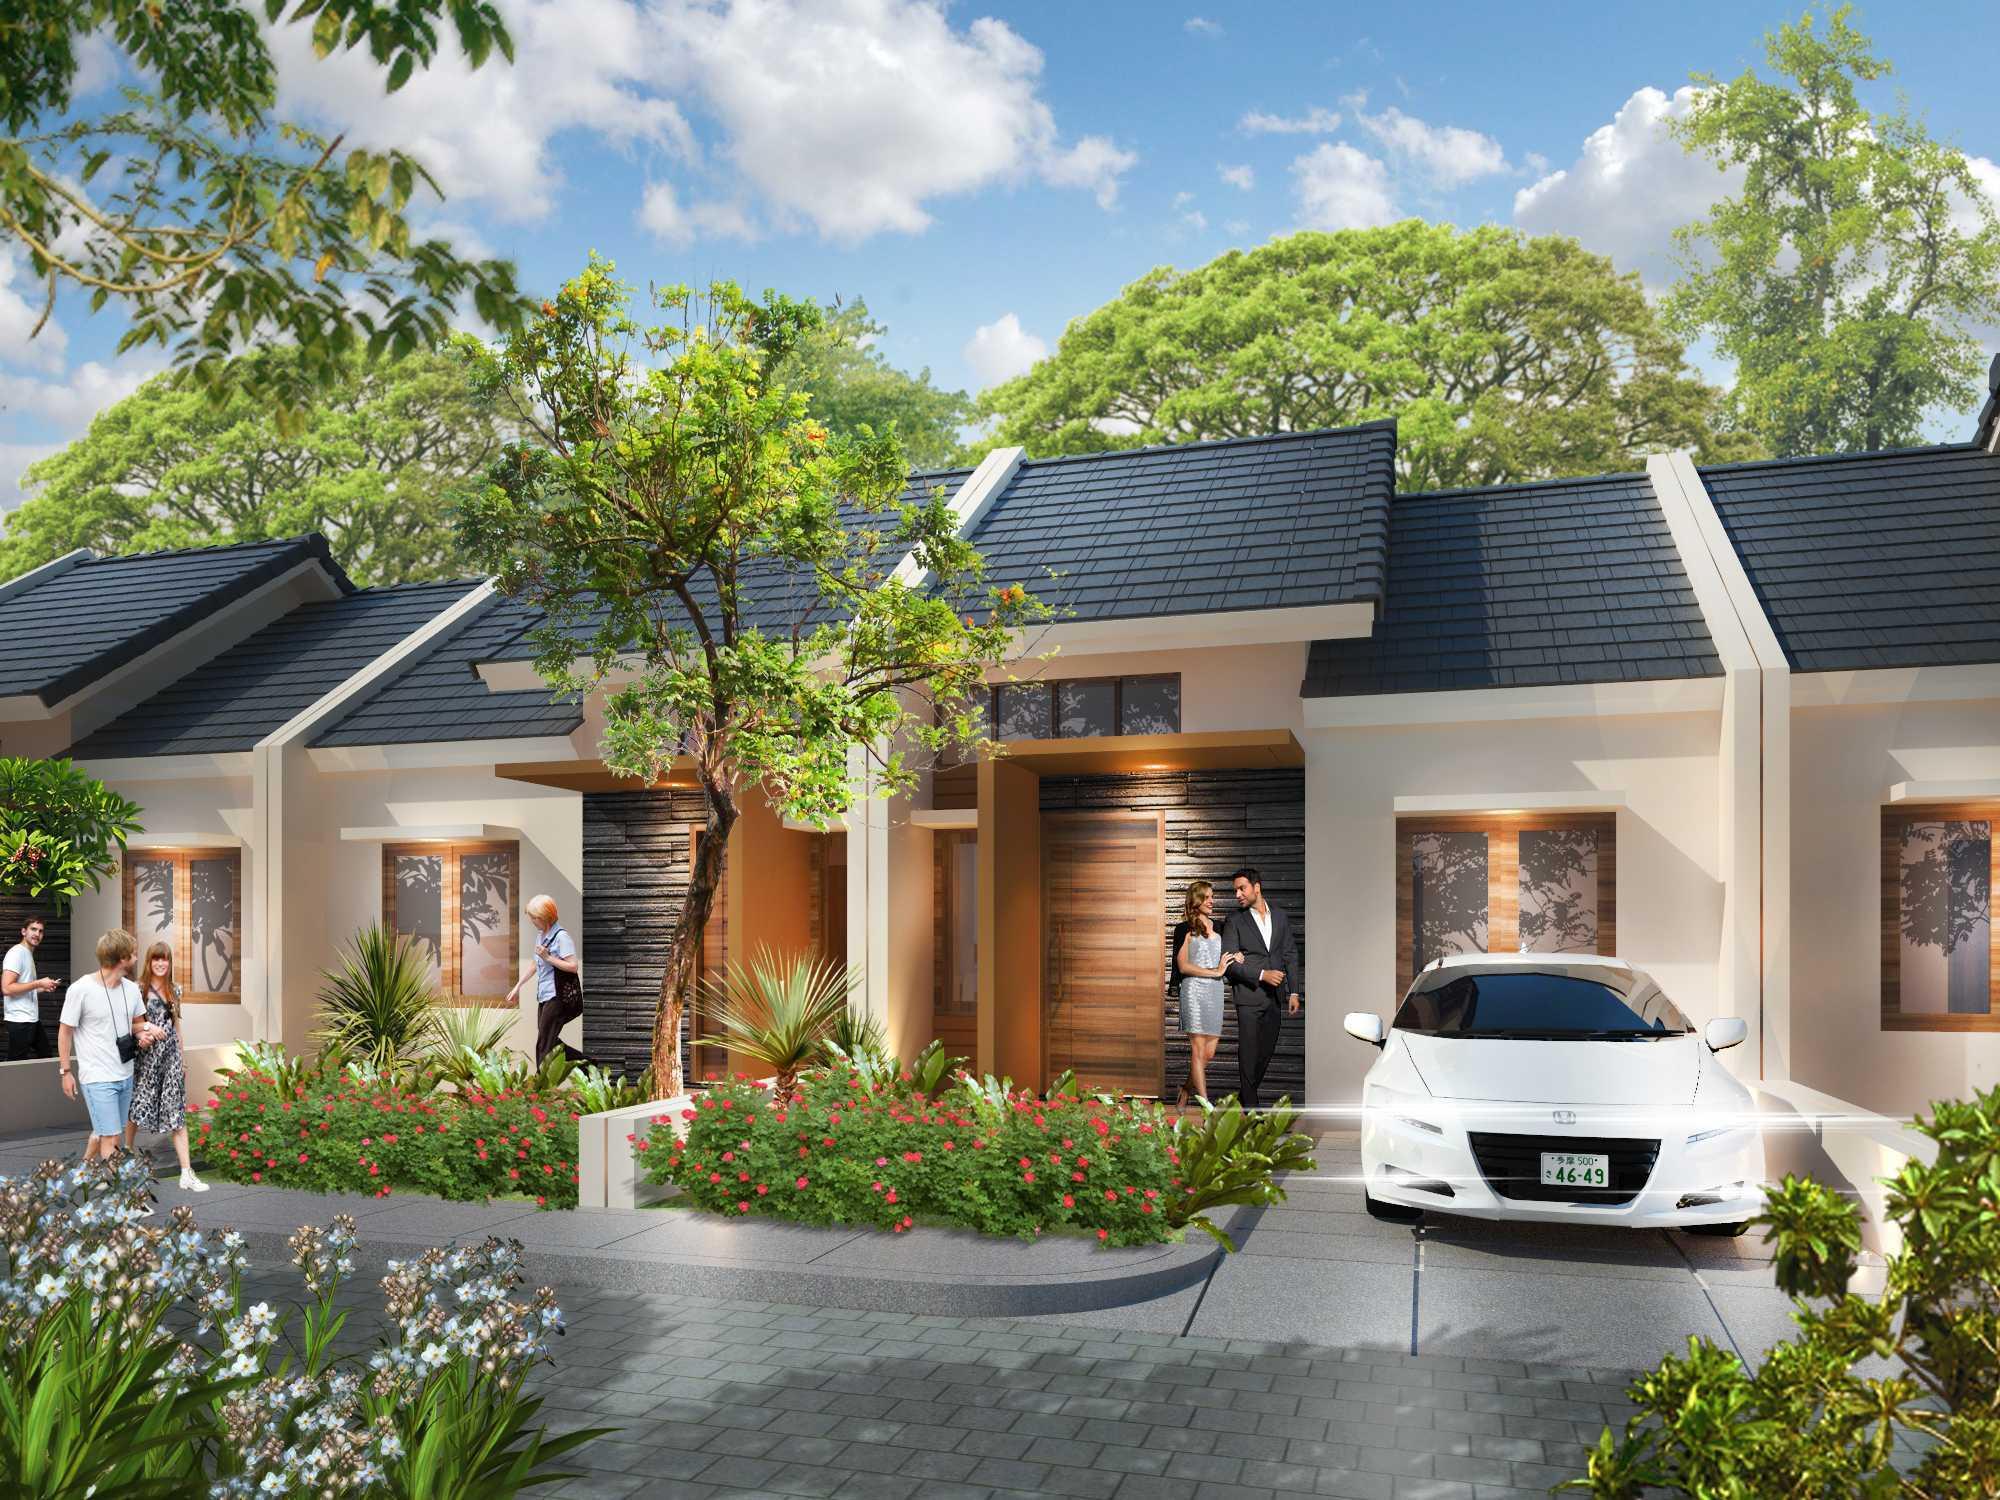 Delyuzir Architects Ayani Residence - Rangkasbitung Rangkasbitung, Kabupaten Lebak, Banten, Indonesia Rangkasbitung, Kabupaten Lebak, Banten, Indonesia Exterior View   46216